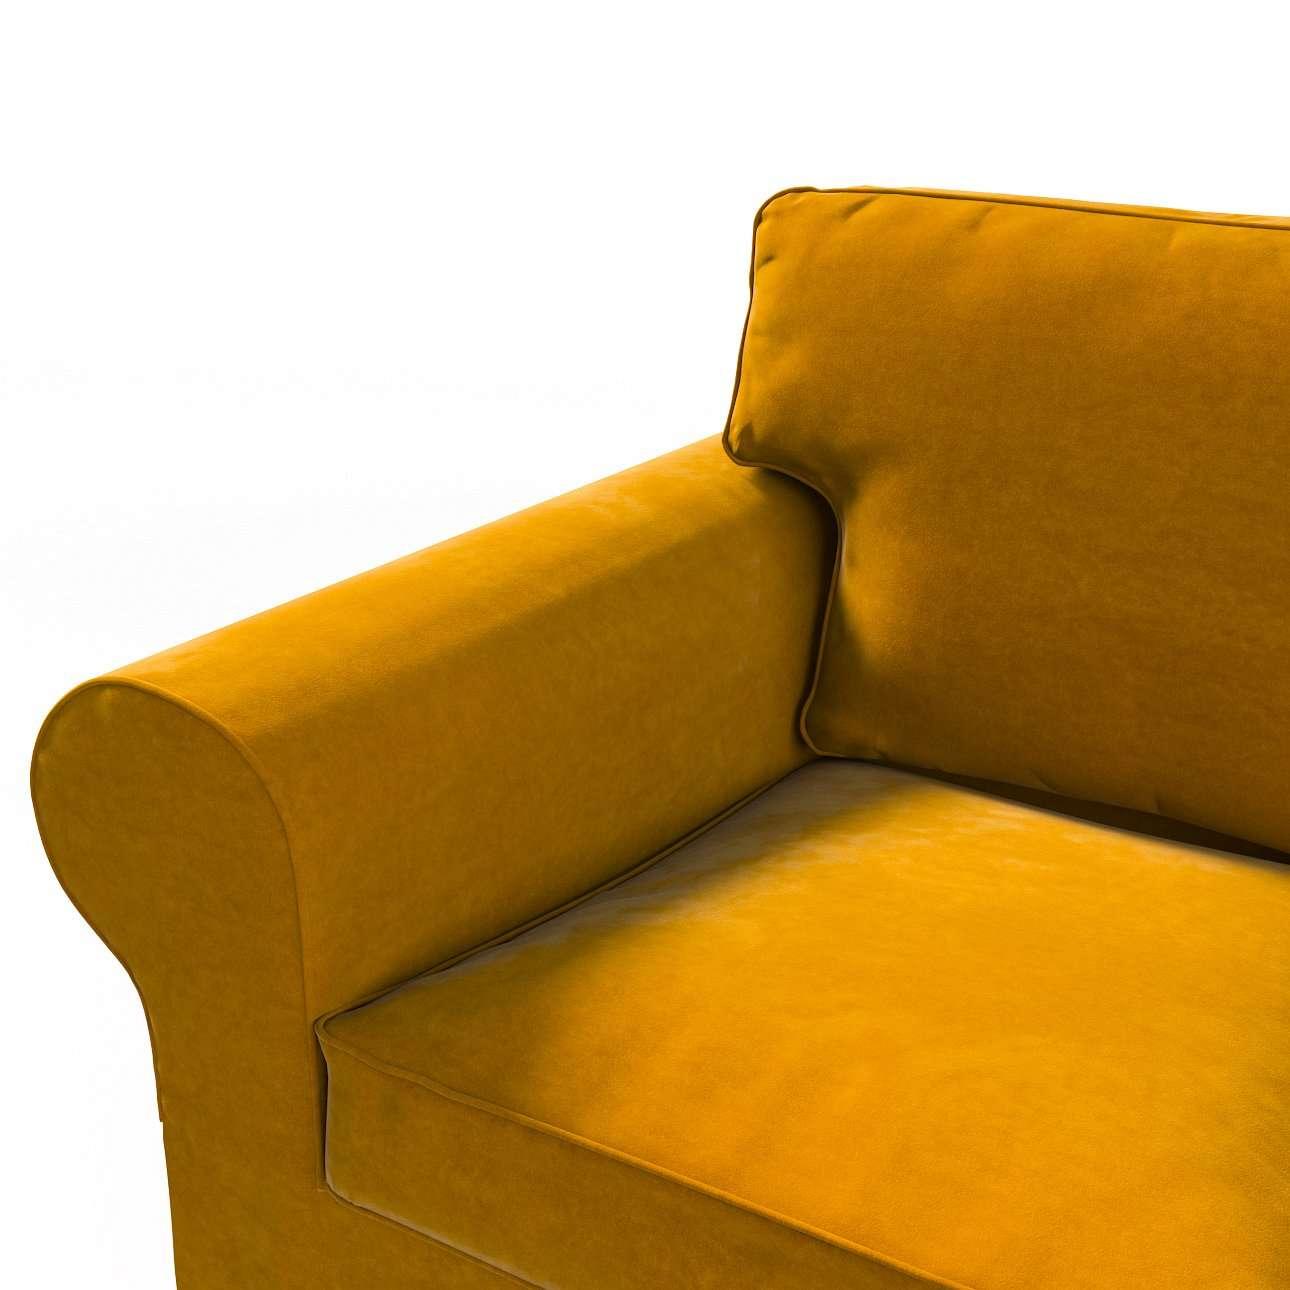 Poťah na sedačku Ektorp (rozkladacia, pre 2 osoby) NOVÝ MODEL 2012 V kolekcii Velvet, tkanina: 704-23